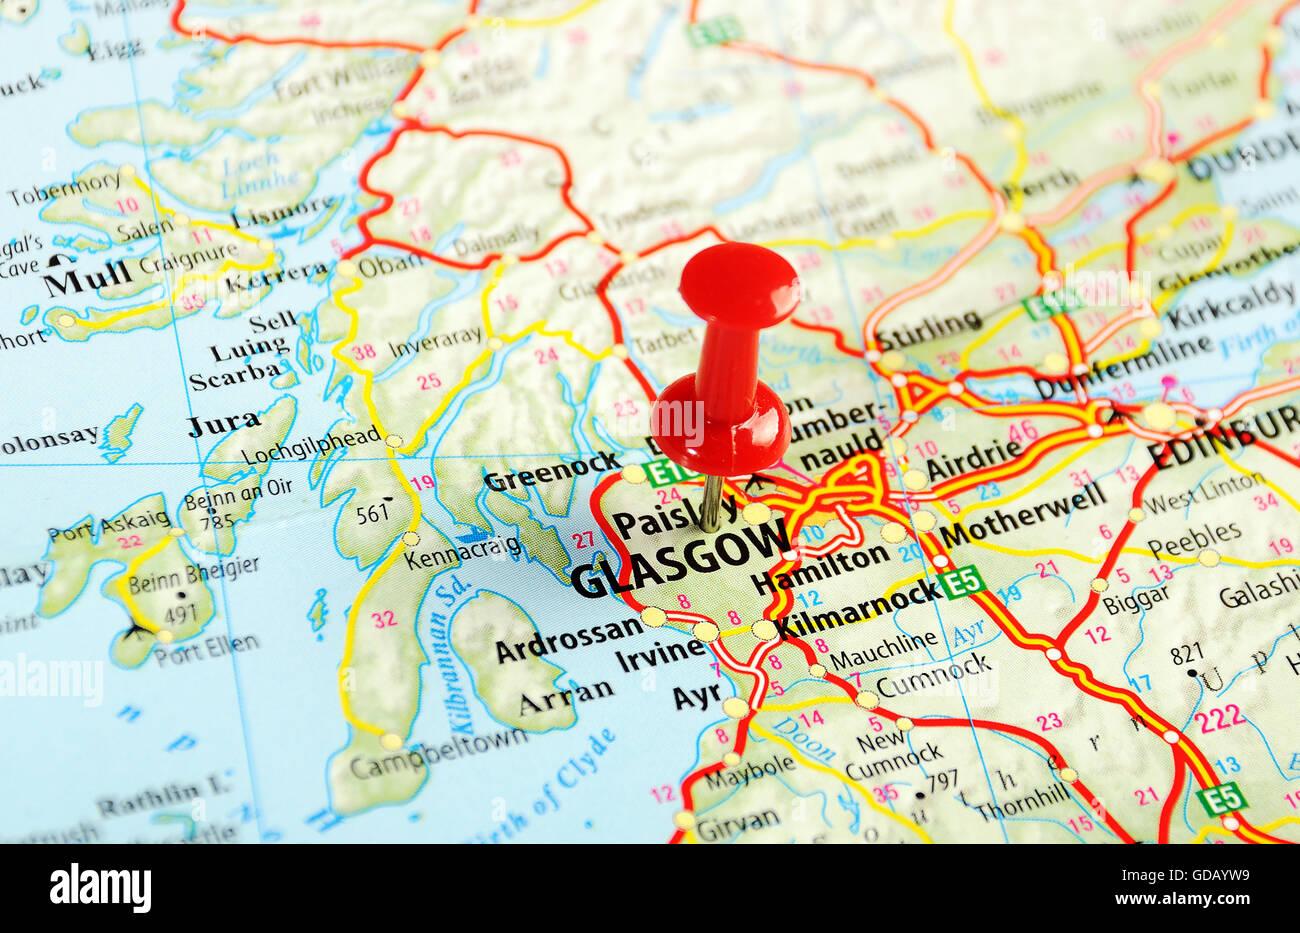 Cartina Stradale Della Scozia.Glasgow Scozia Regno Unito Mappa E Pin Concetto Di Viaggio Foto Stock Alamy